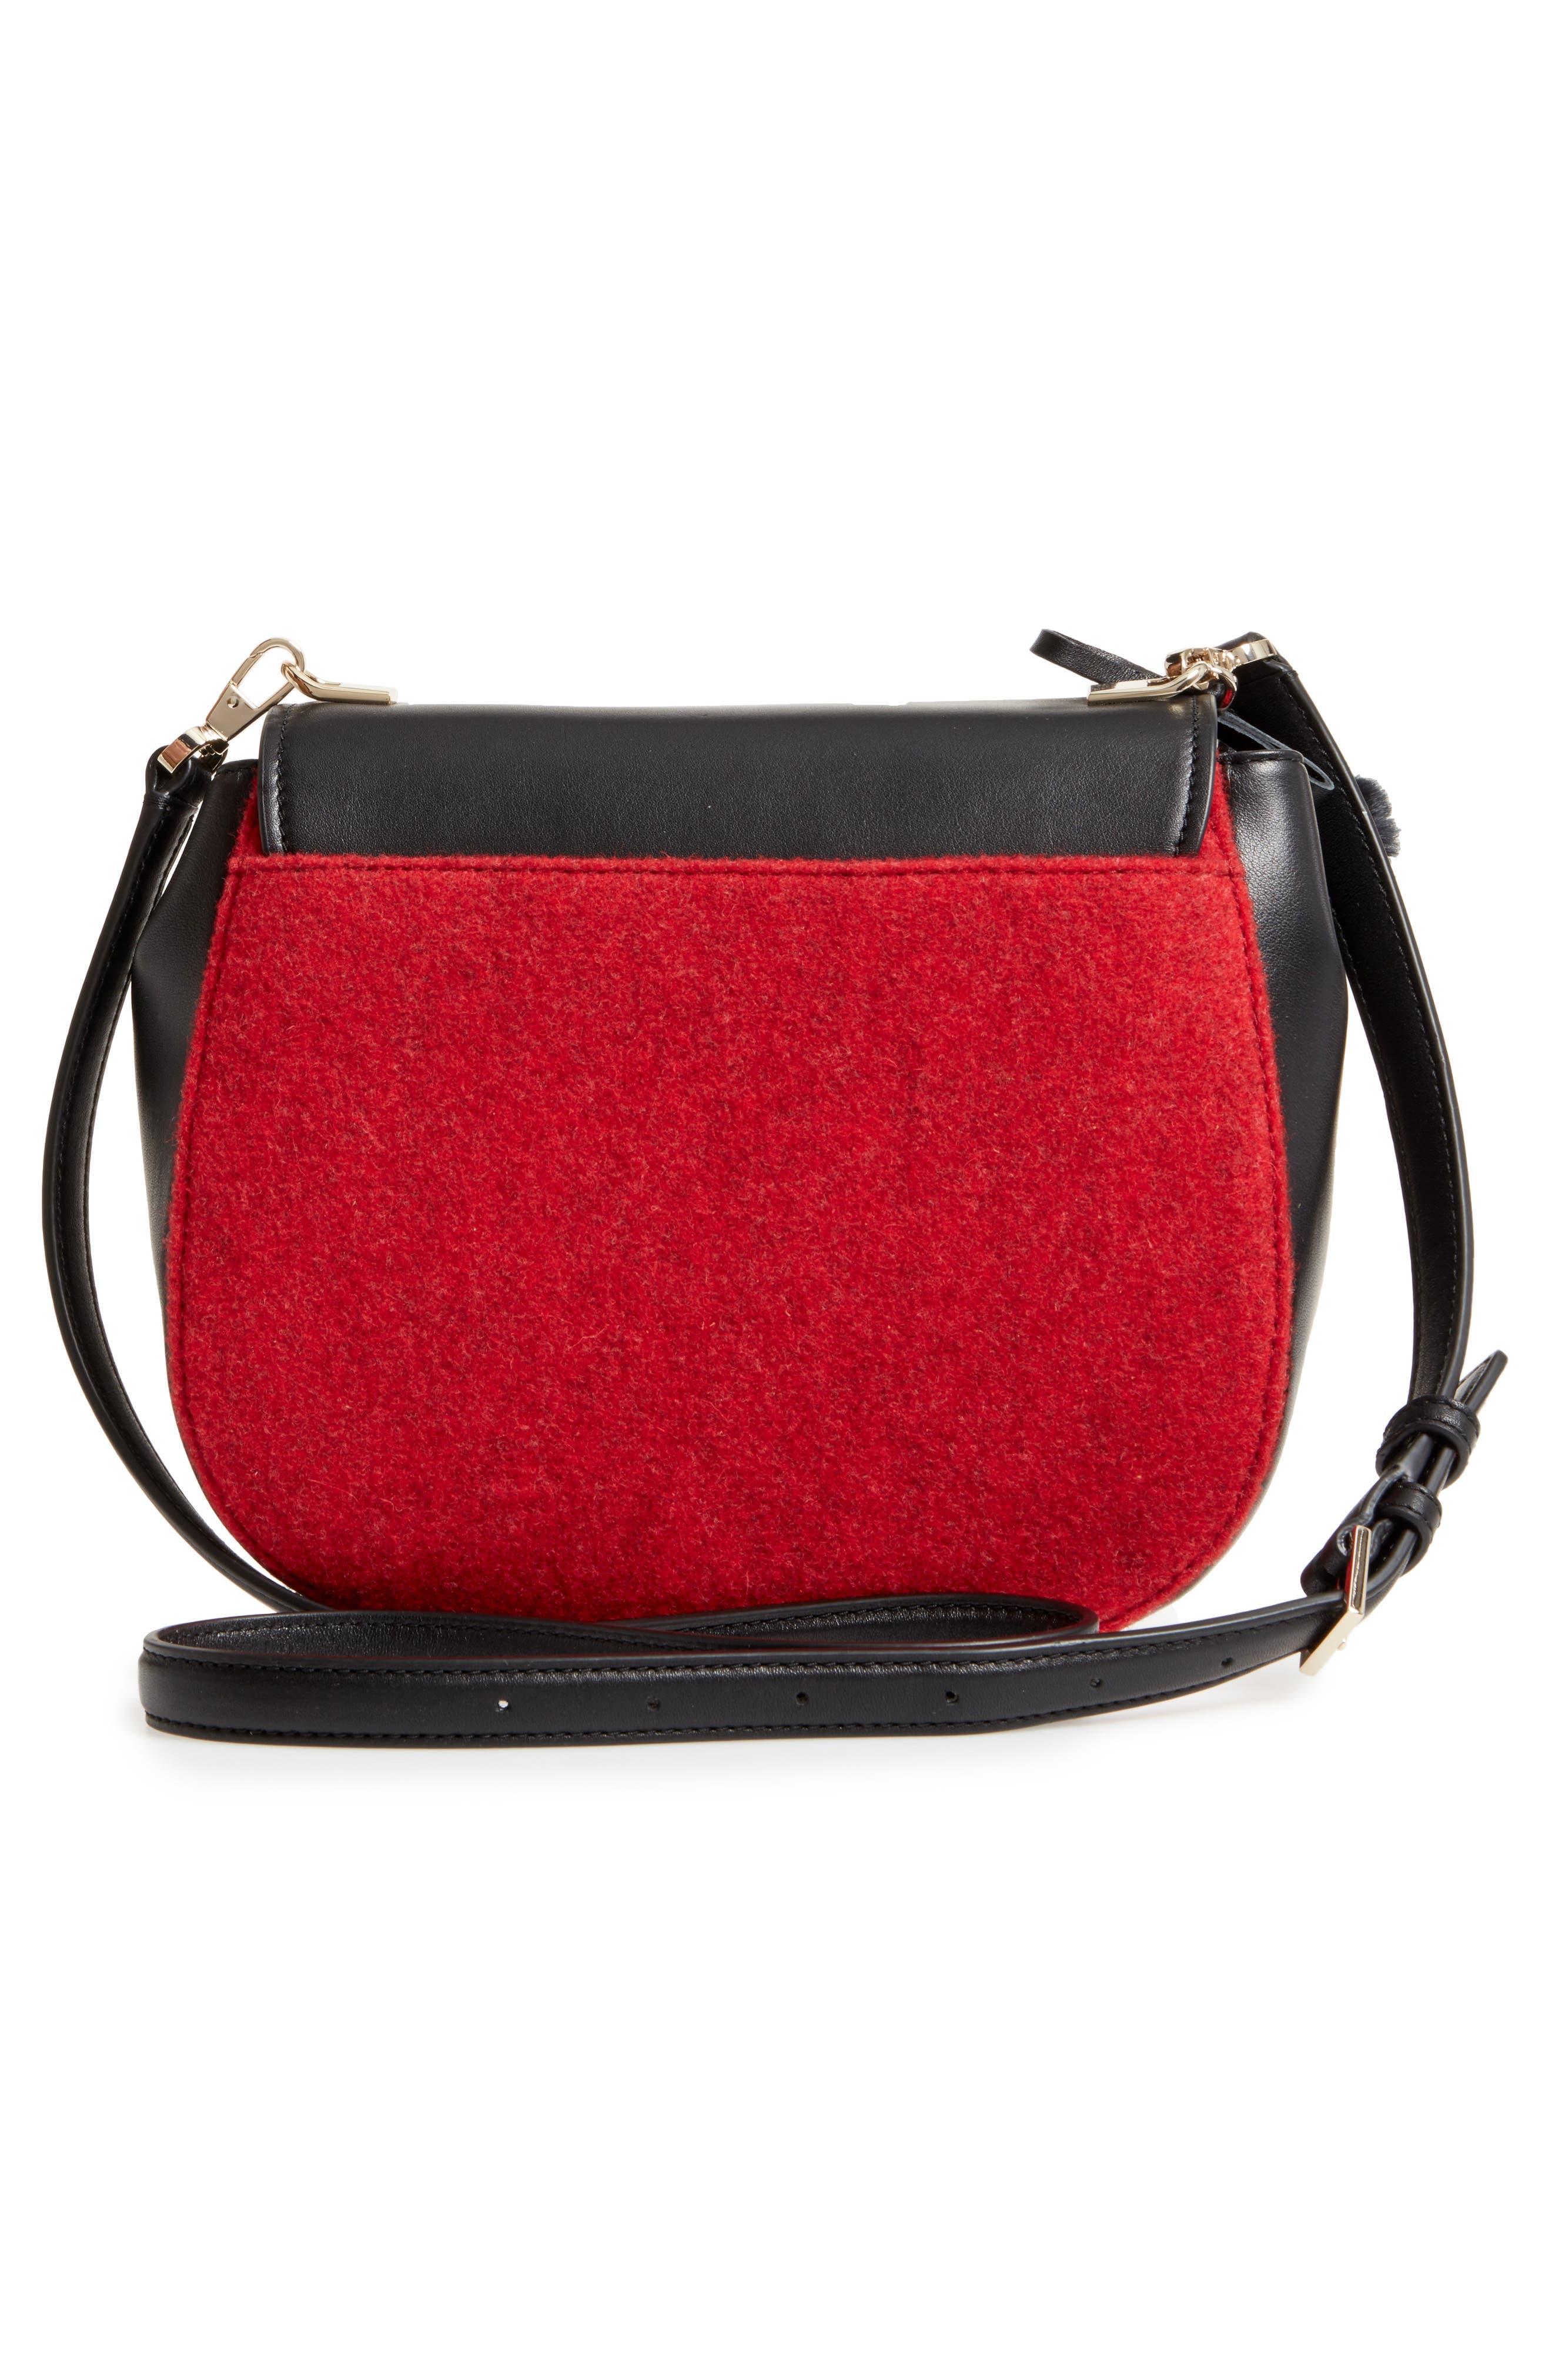 byrne street - byrdie embellished leather & wool saddle bag,                             Alternate thumbnail 2, color,                             Red Carpet